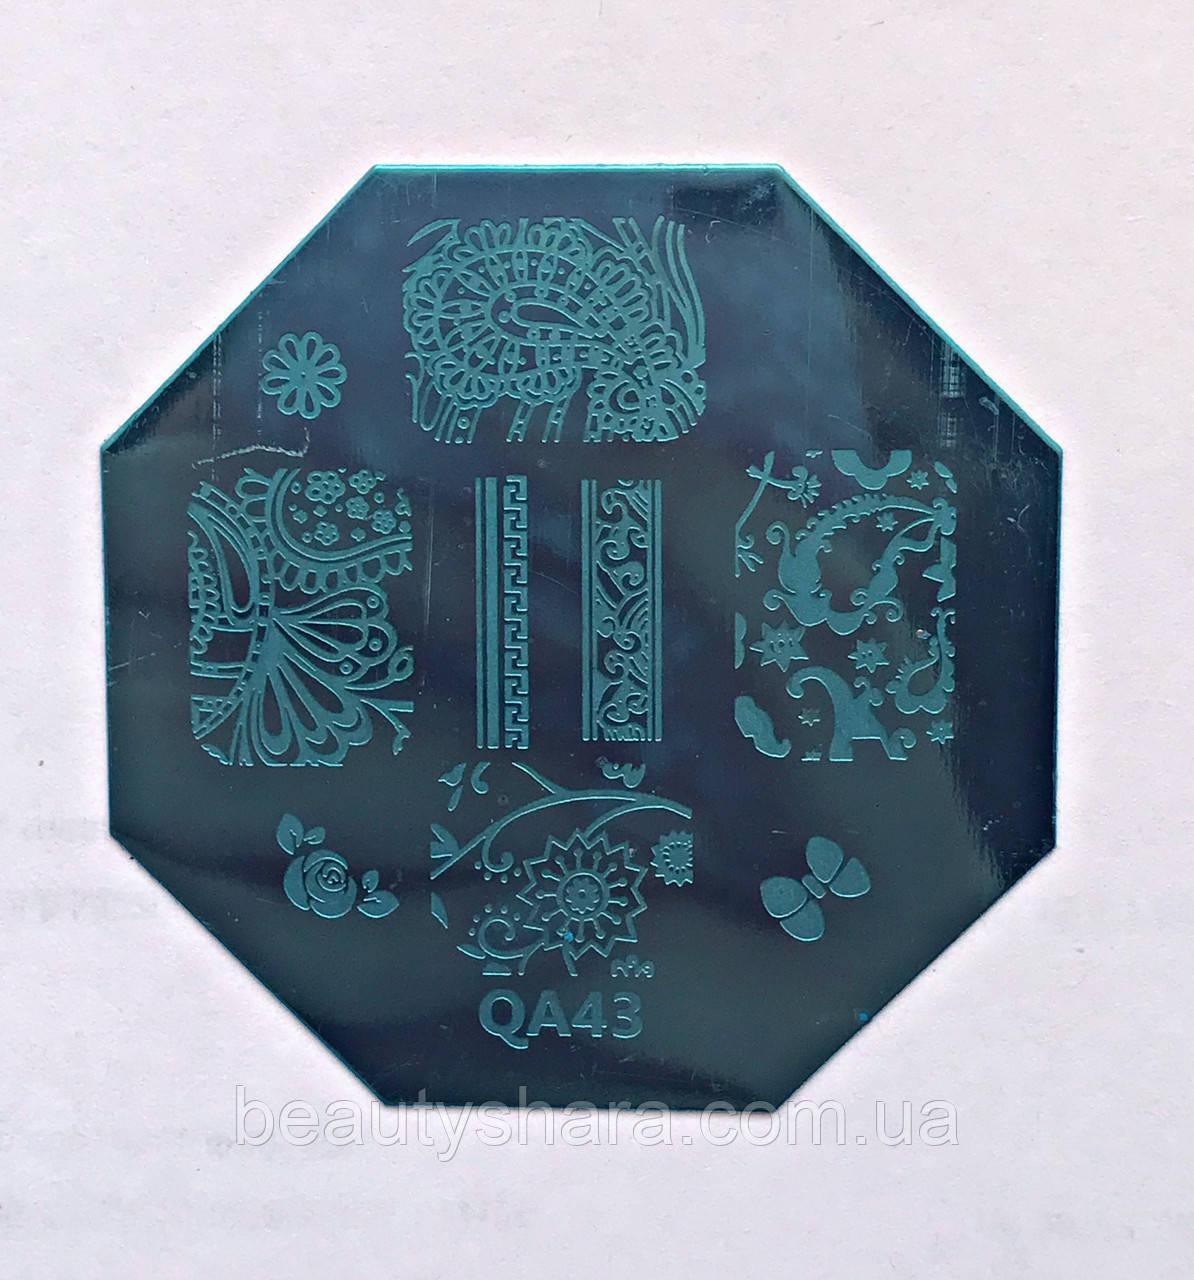 Пластина для стемпинга (металлическая) QA43